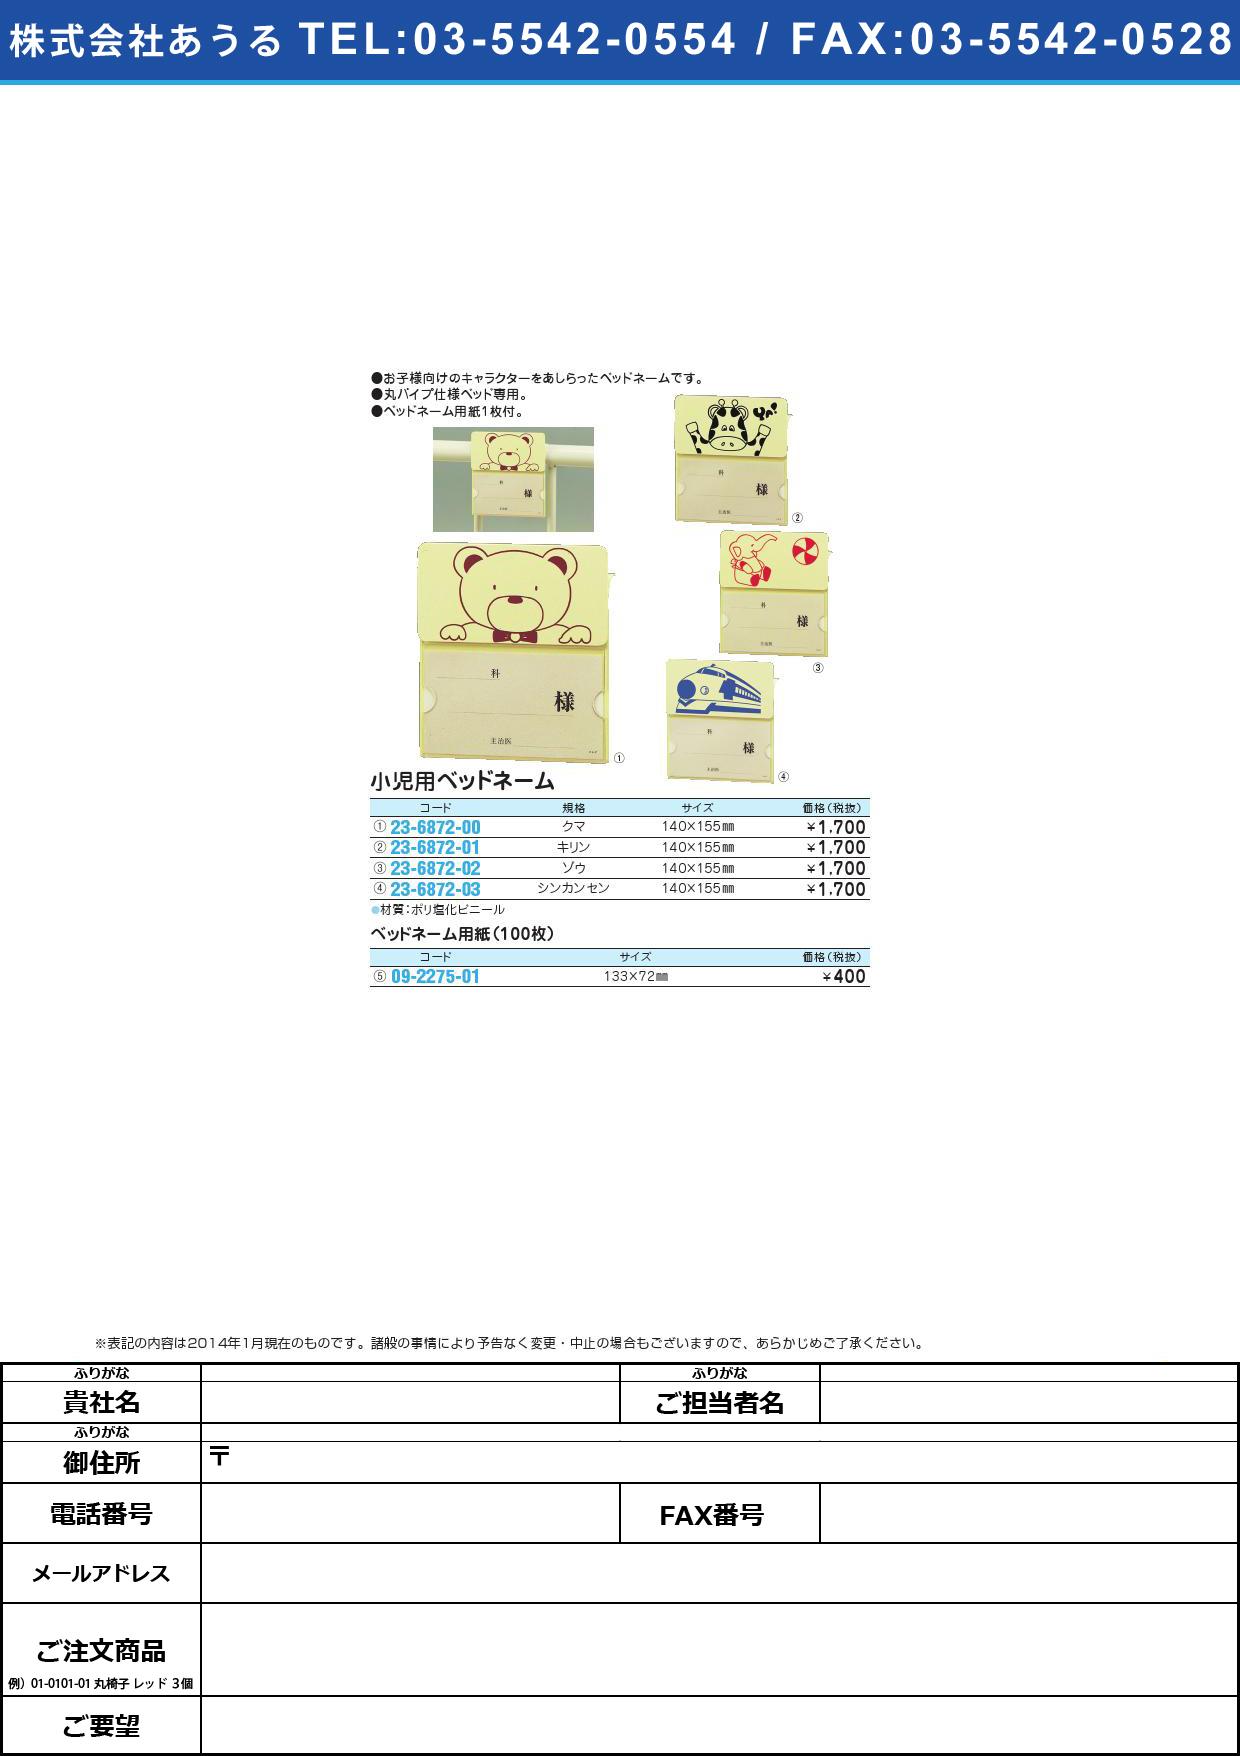 ベッドネーム小児P型 ベッドネームショウニPガタ キリン【1枚単位】(23-6872-01)